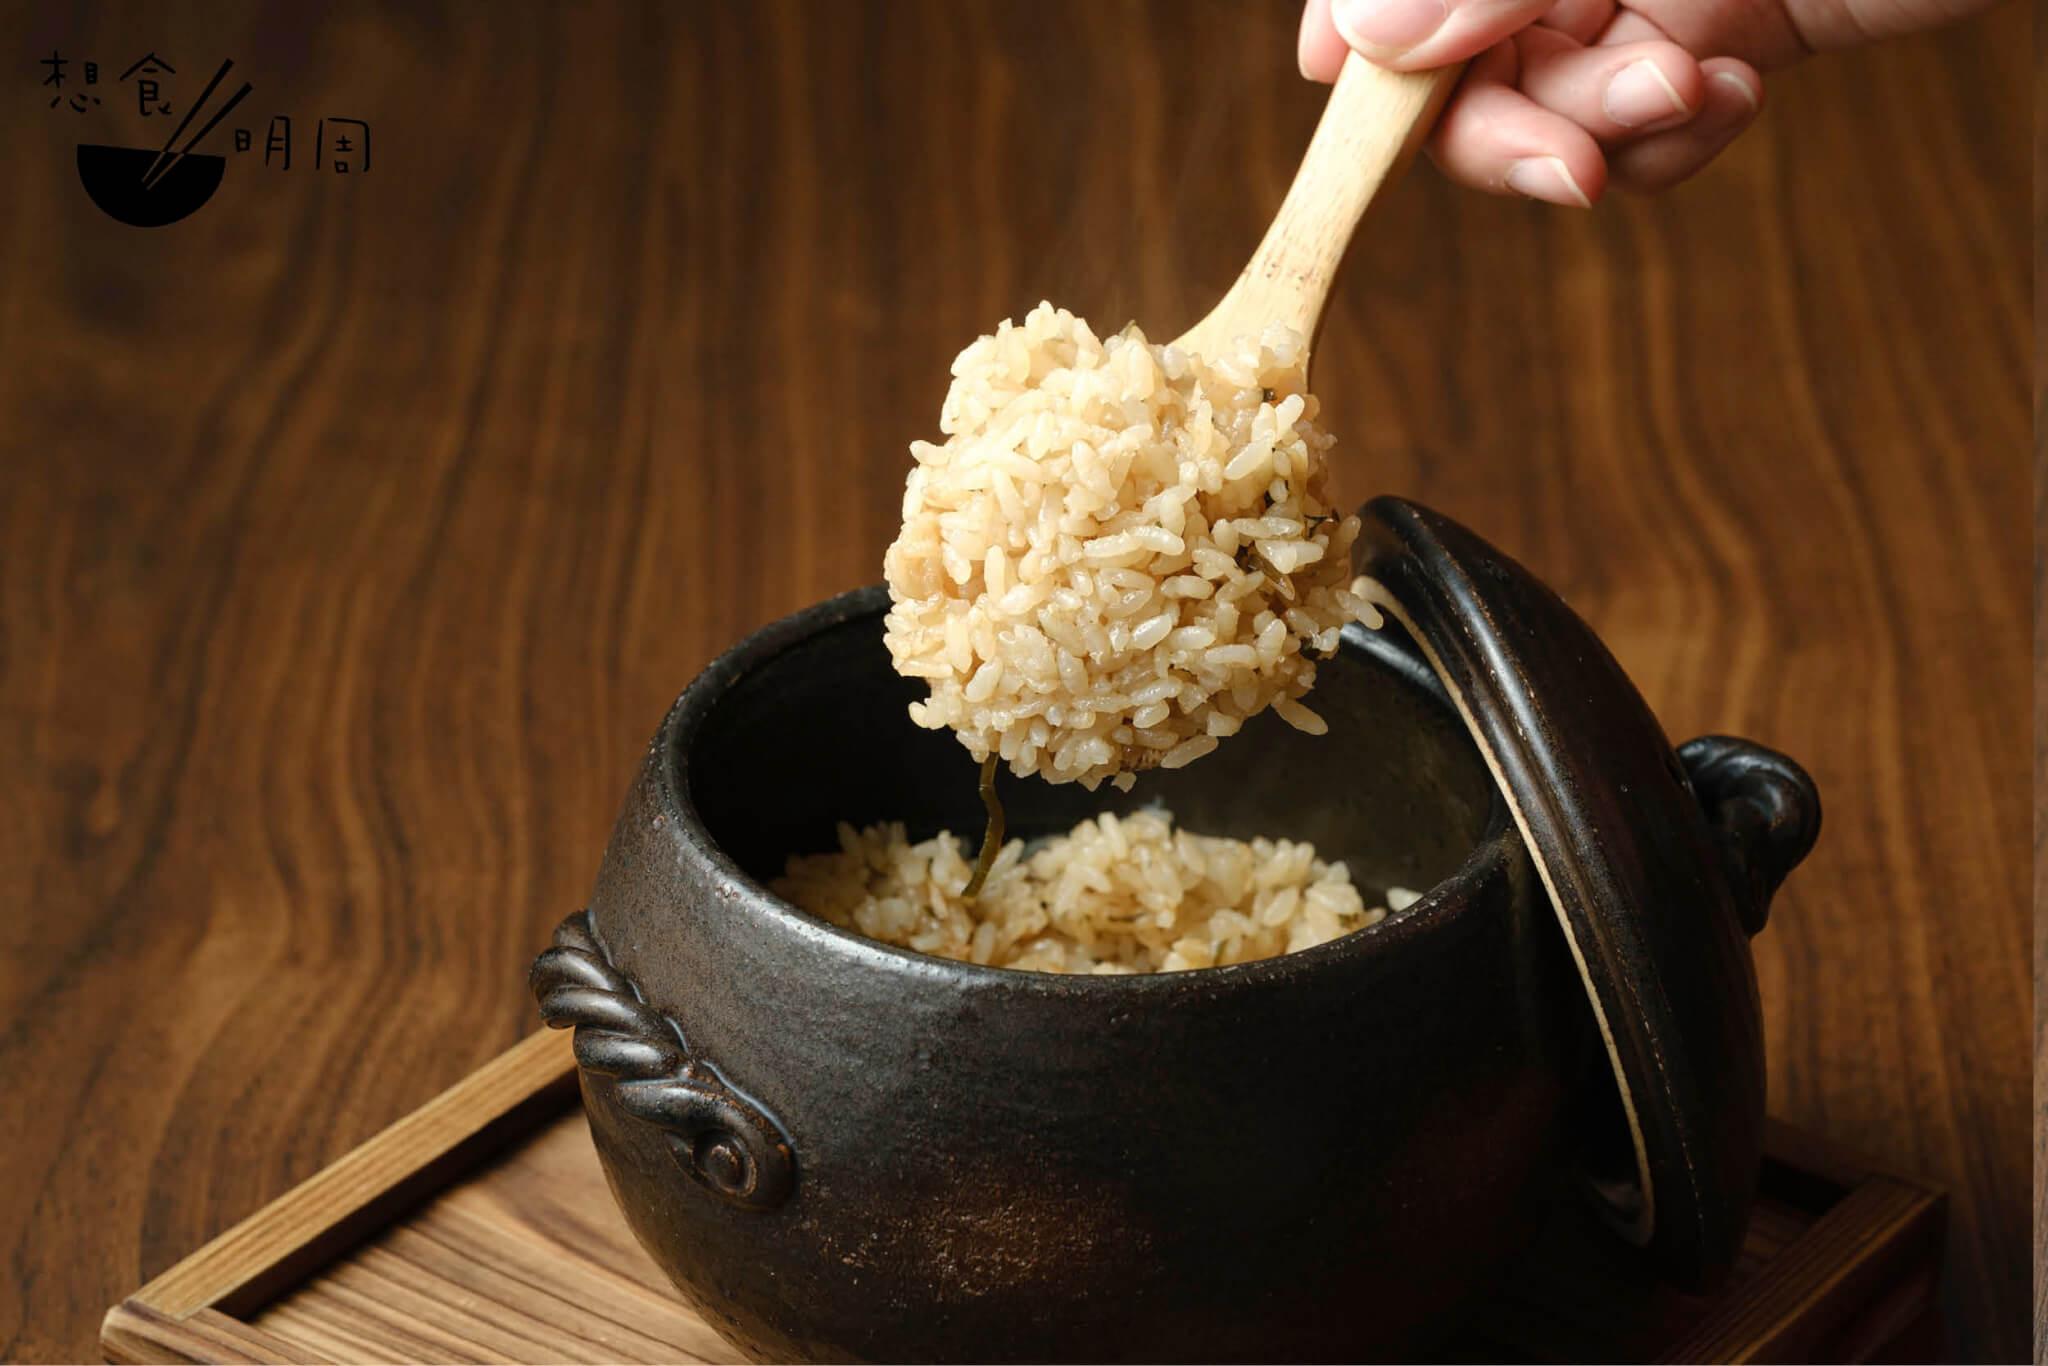 高湯炊飯($53)